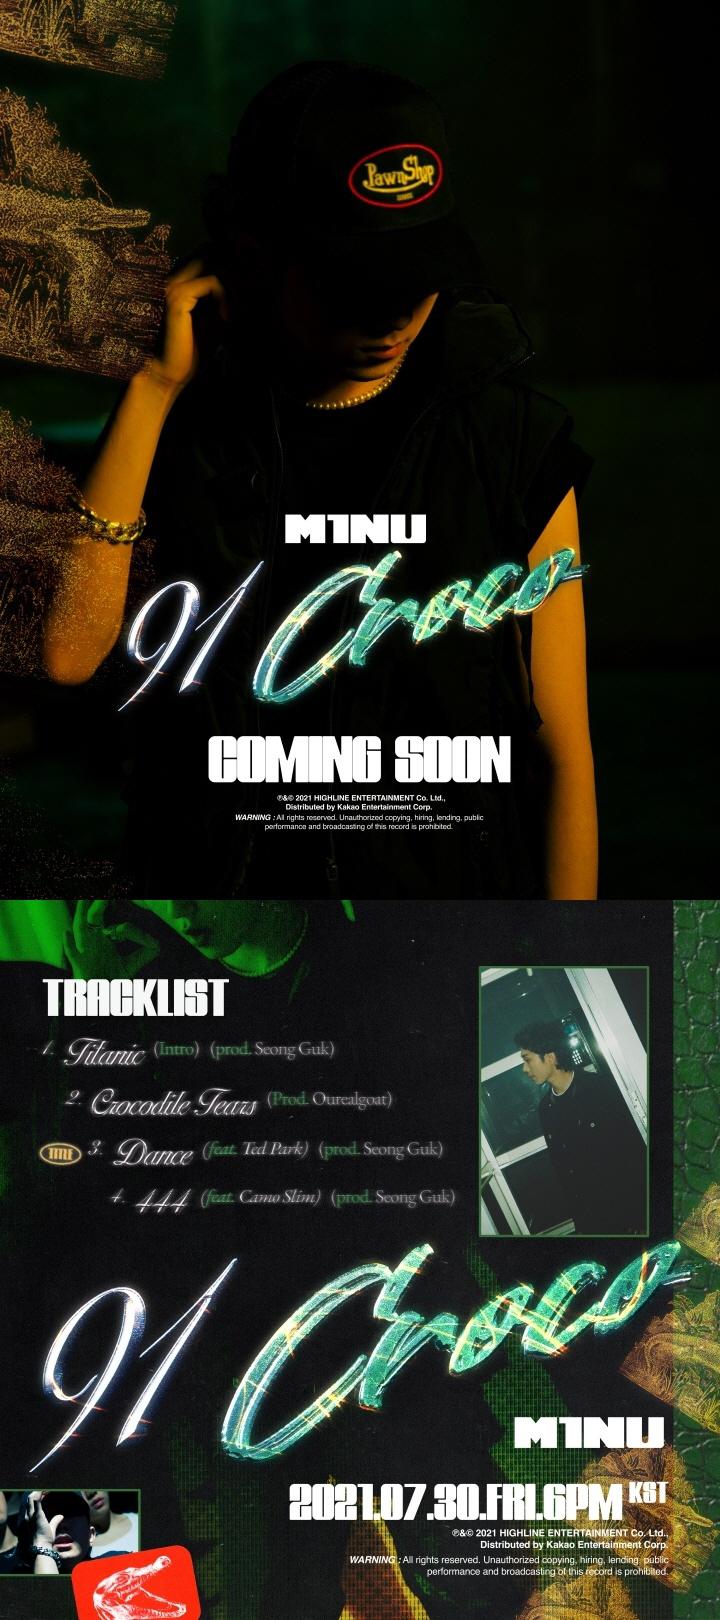 30일(금), 미누(M1NU) 새 앨범 '91 크로코 (타이틀 곡: 댄스)' 발매 | 인스티즈